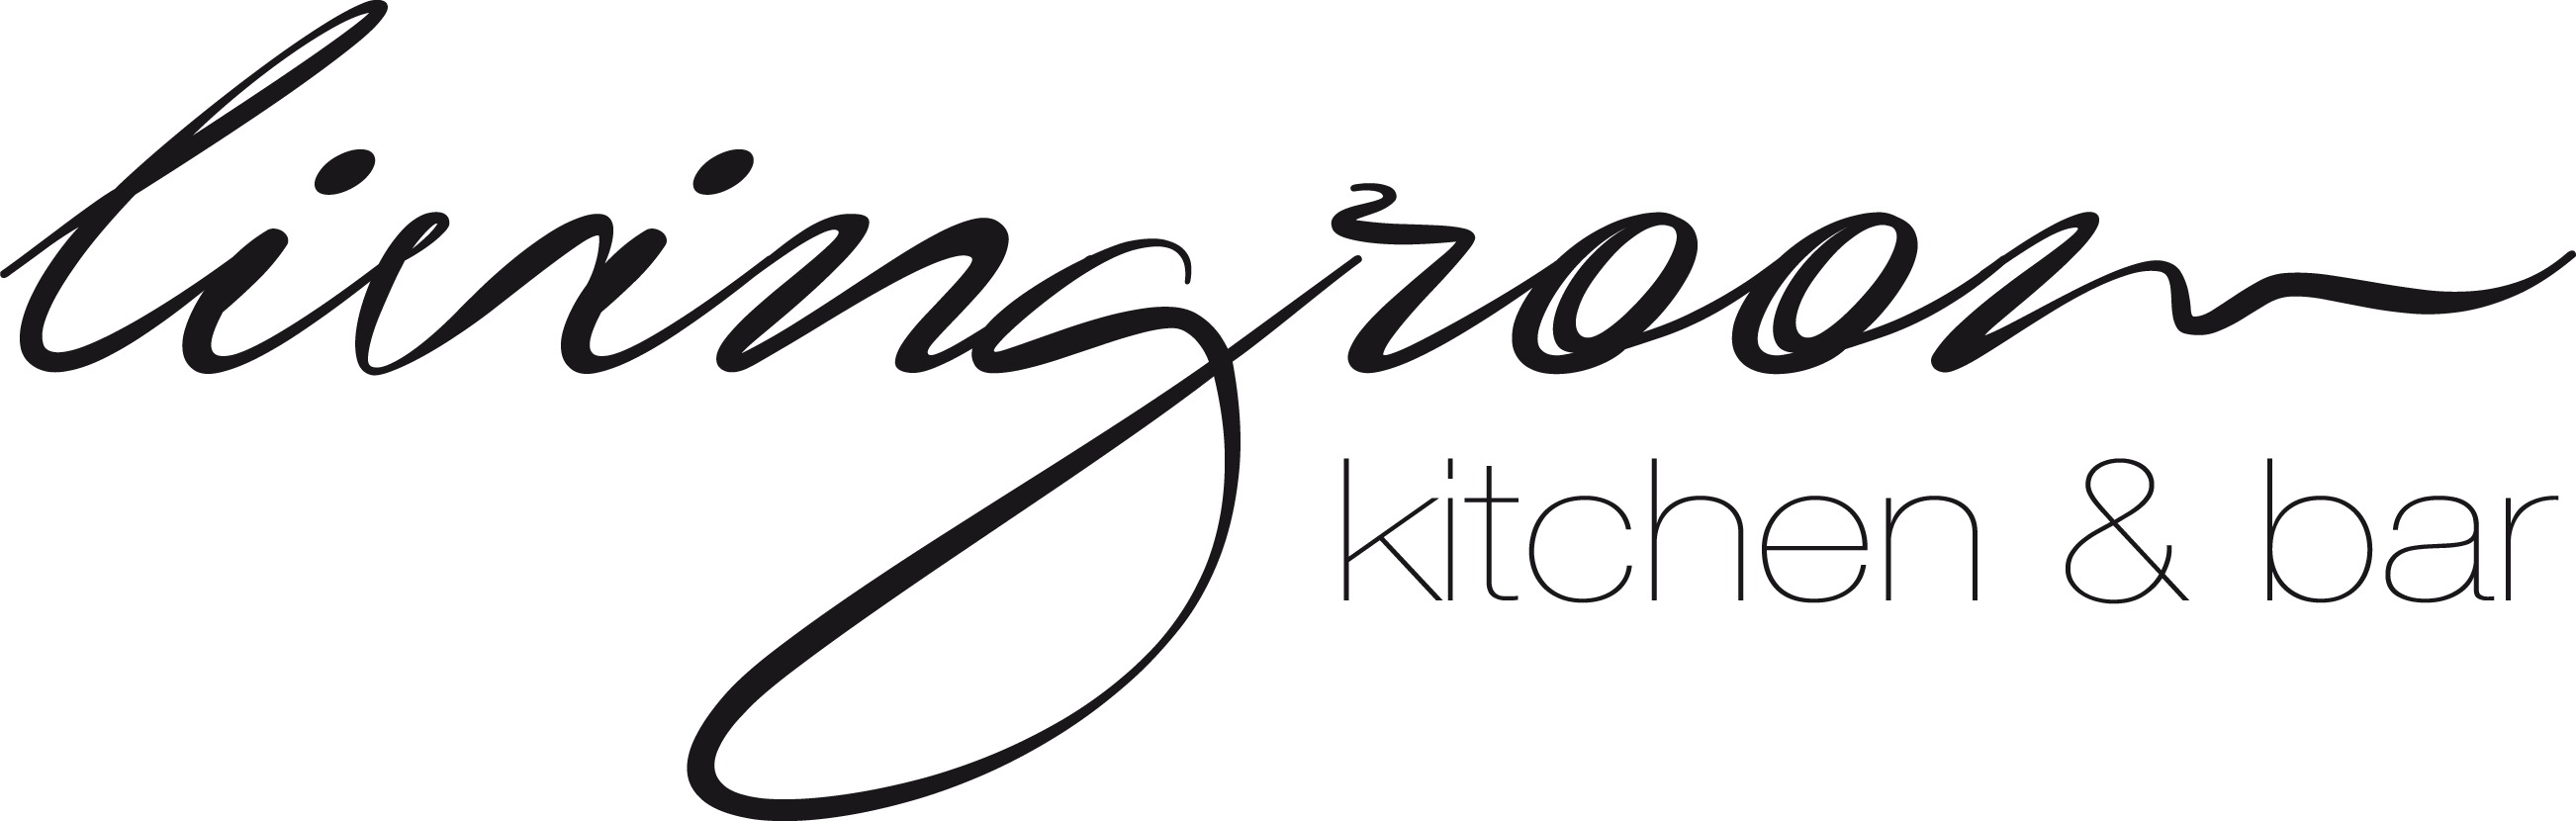 living room - kitchen & bar